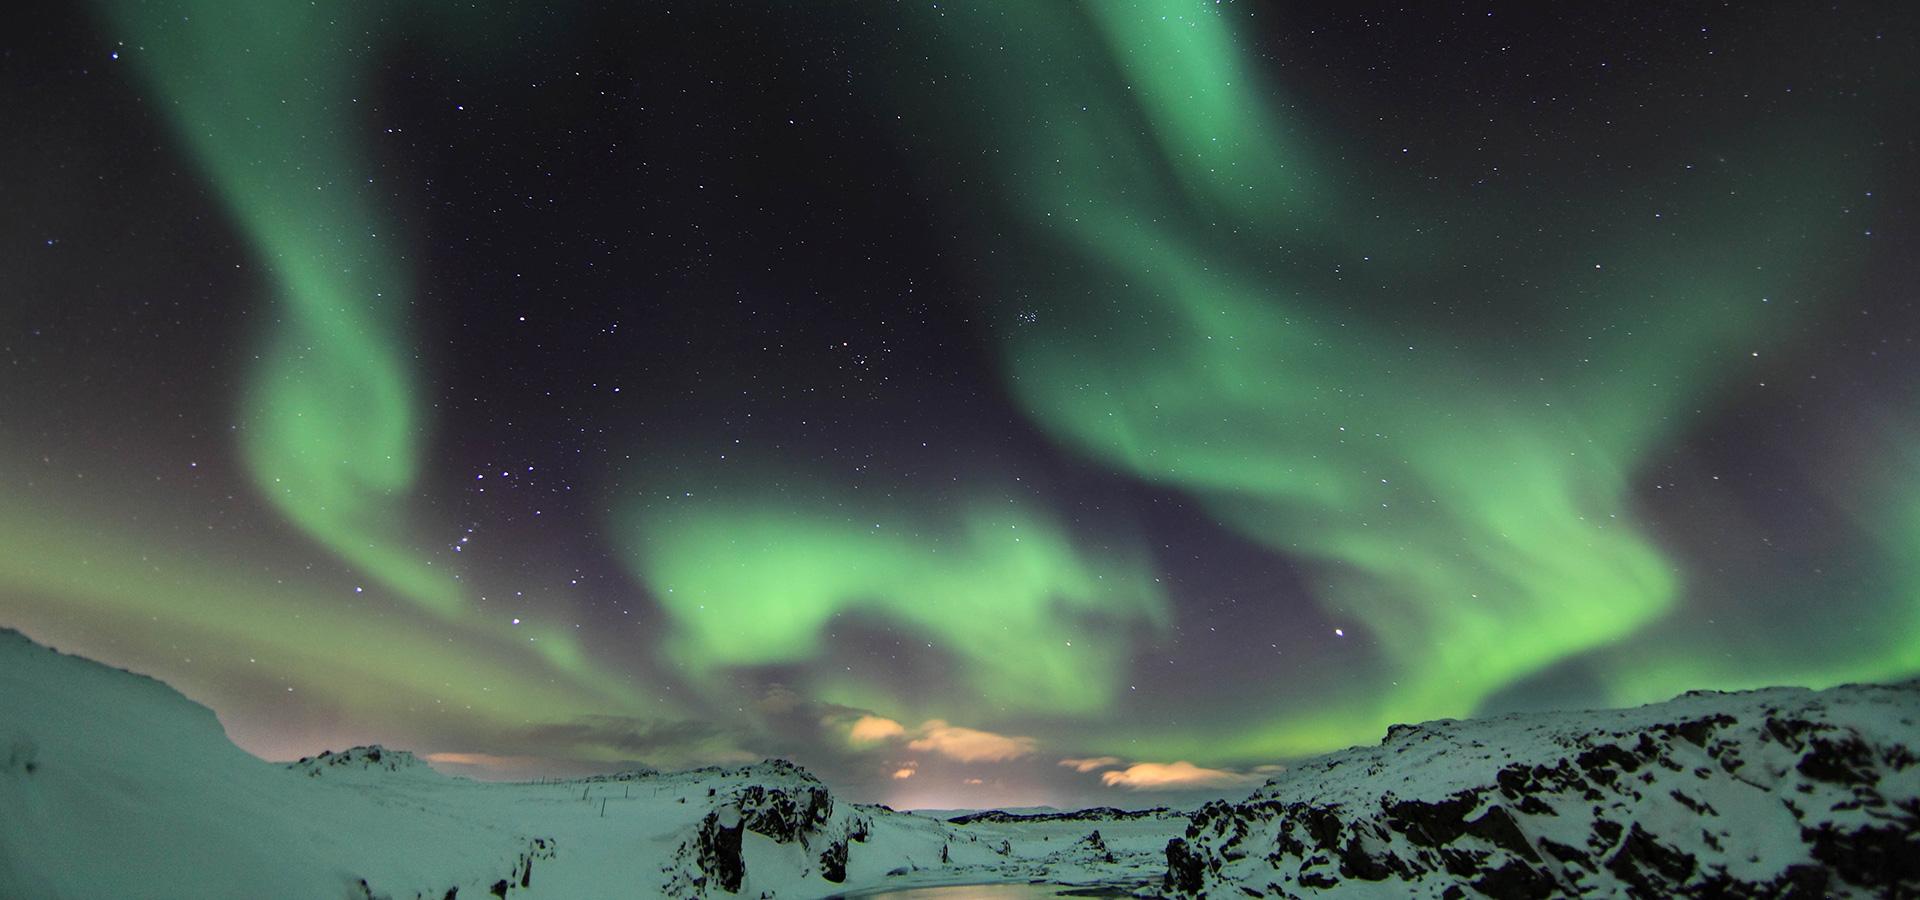 Het noorderlicht verschijnt alleen in de winter en verlicht het prachtige, maar ijzige landschap.